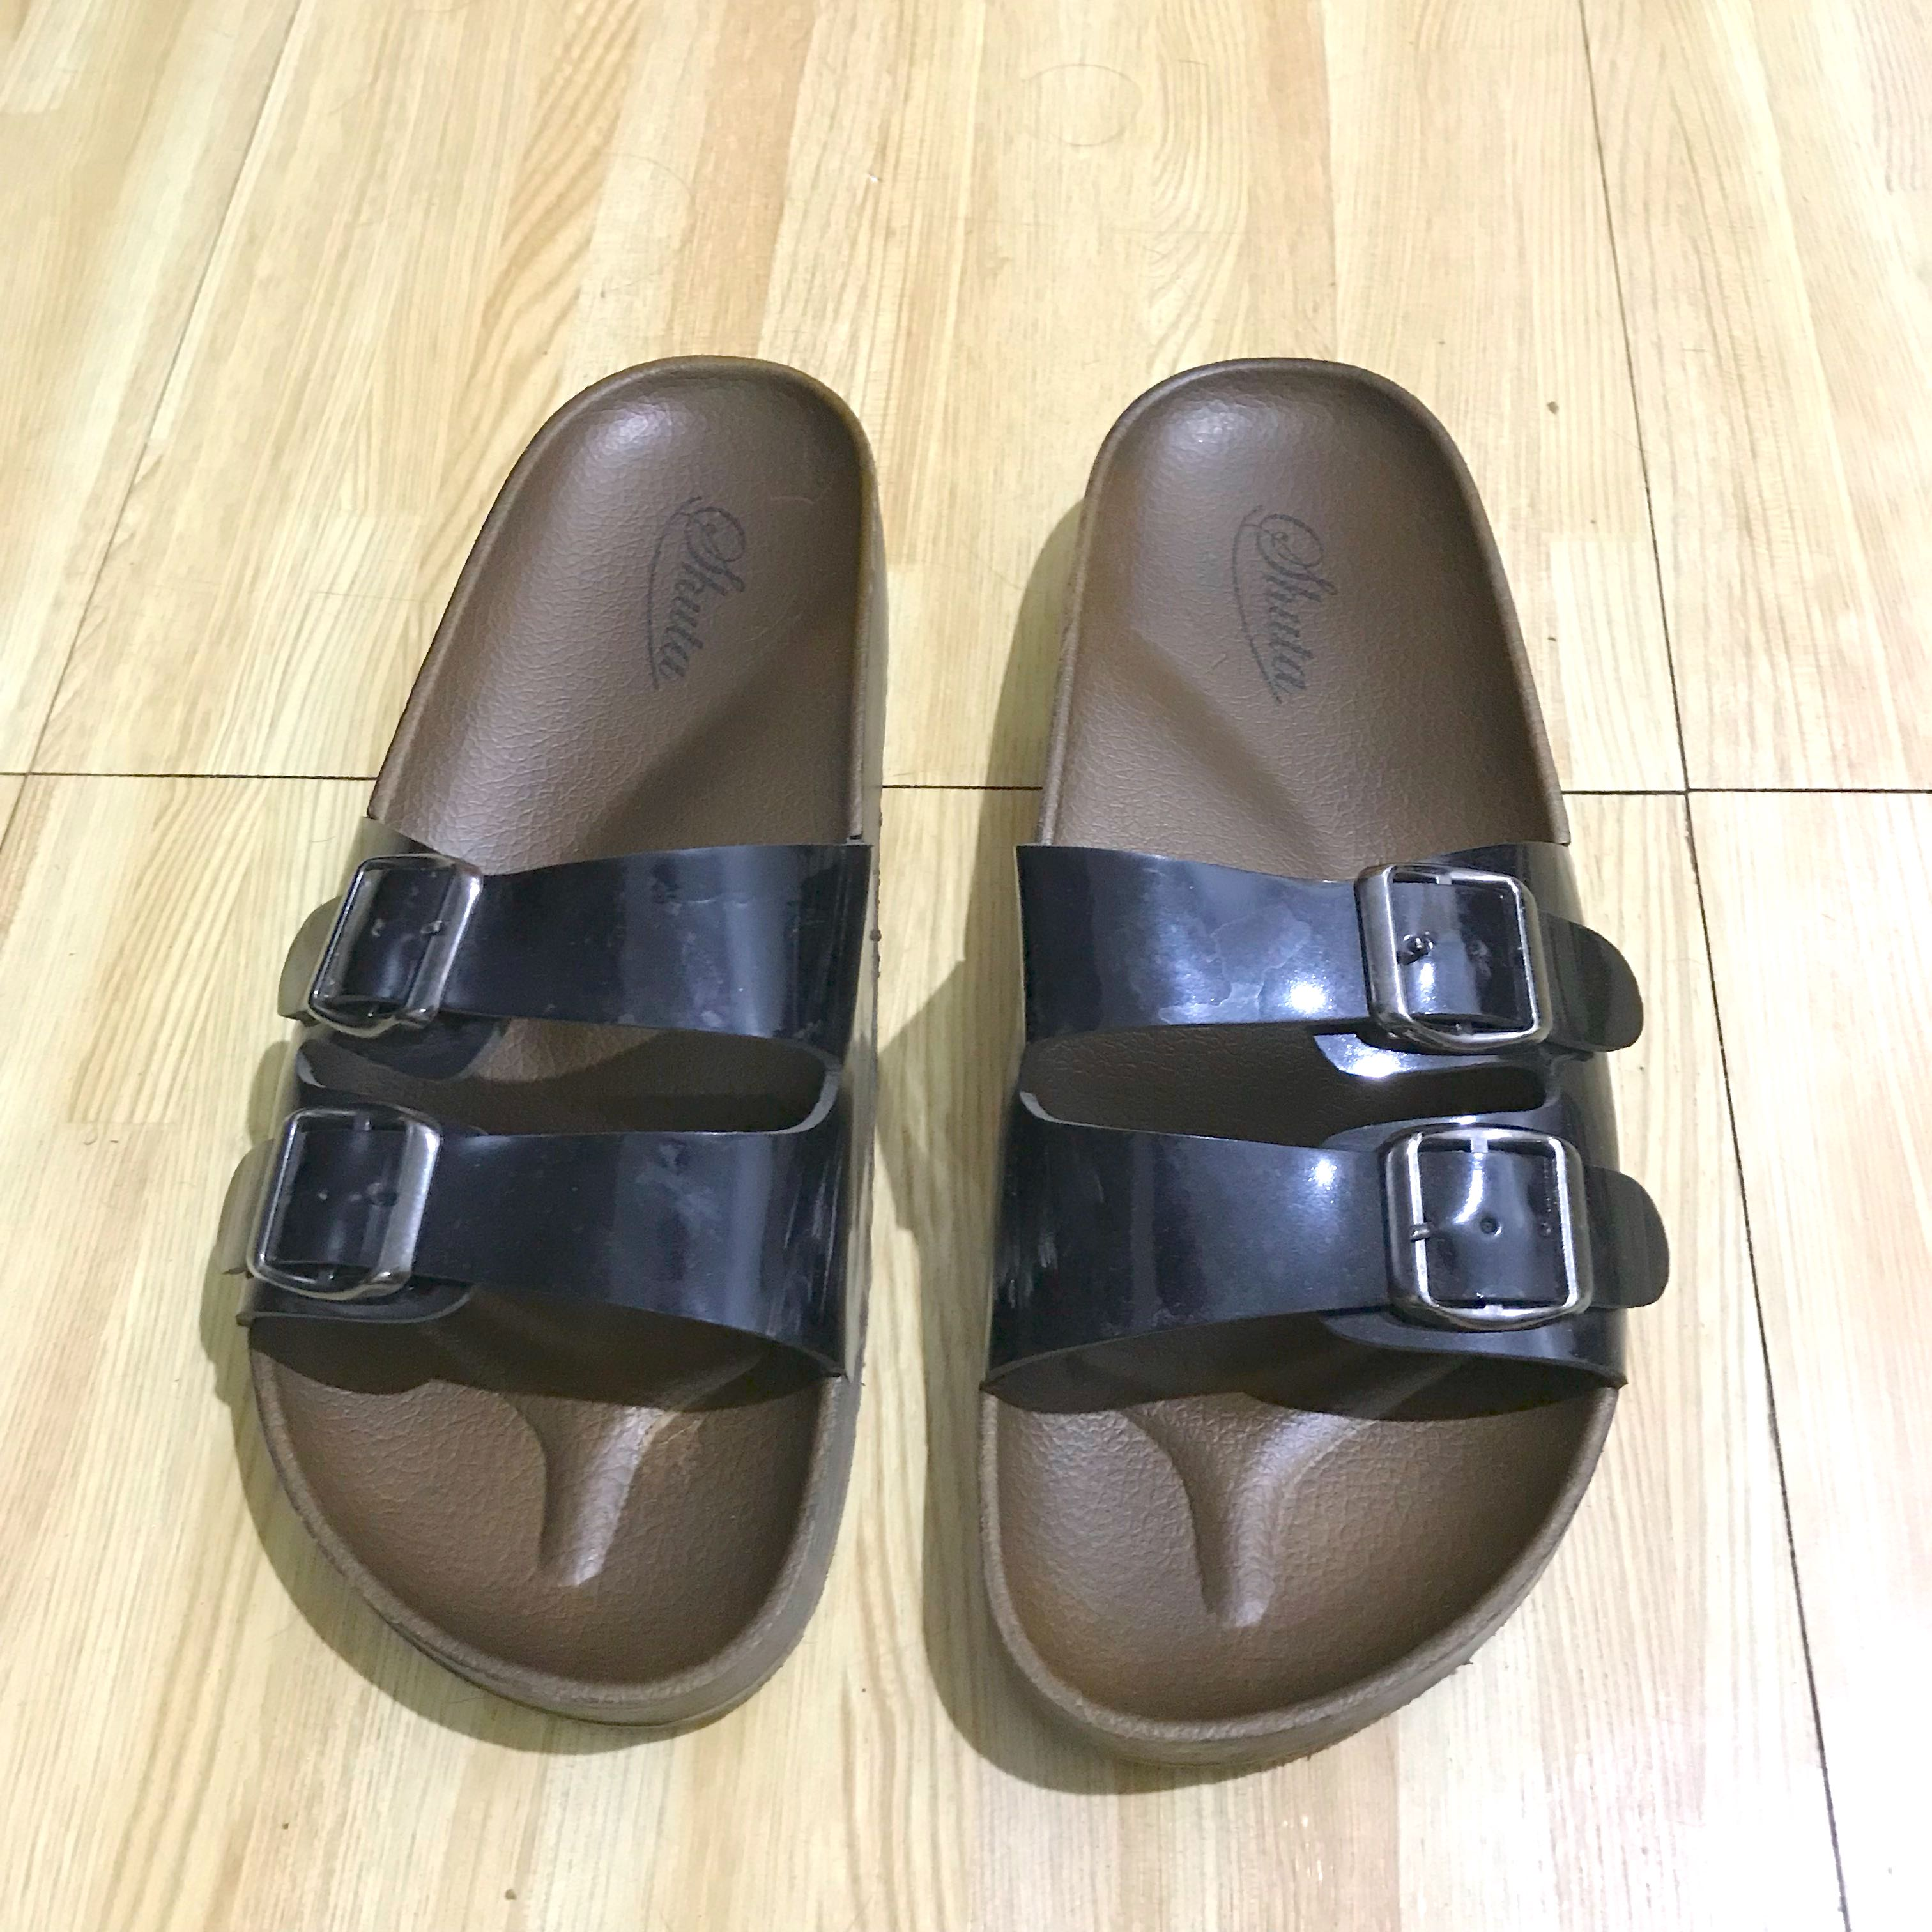 Birkenstock Sandals Birkenstock On Style Sandals Carousell On Carousell Birkenstock Style c3T1lFJK